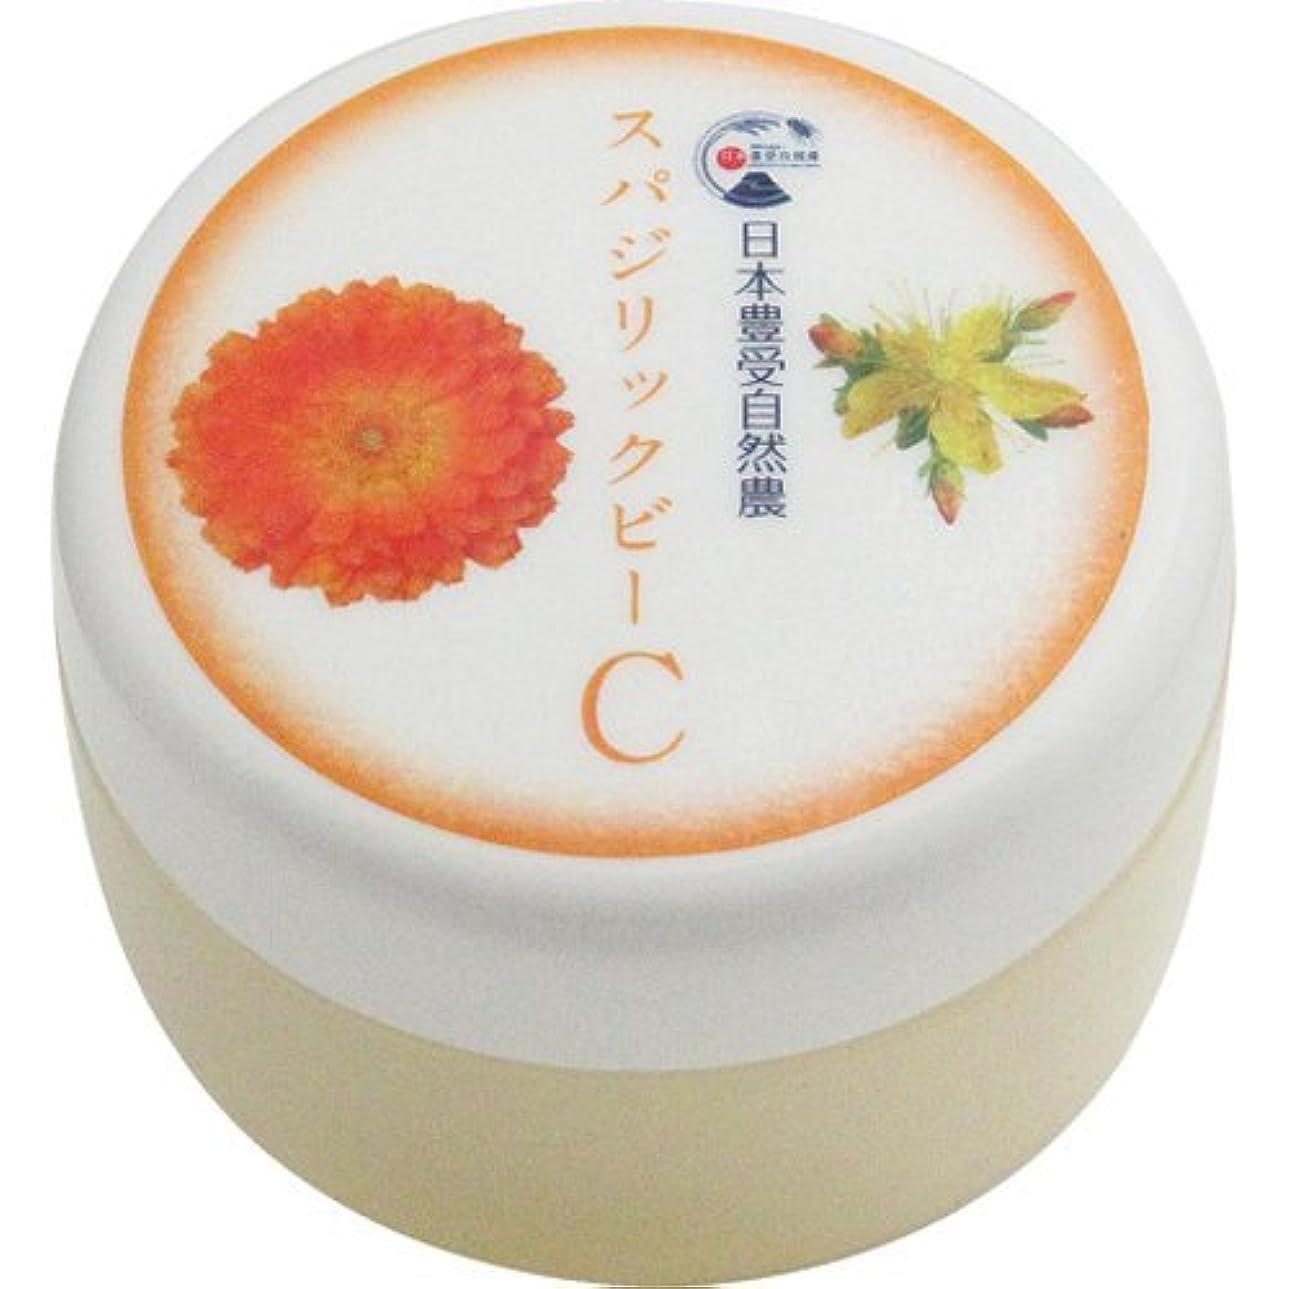 項目徹底的に組日本豊受自然農 スパジリック ビーC(特大) 135g